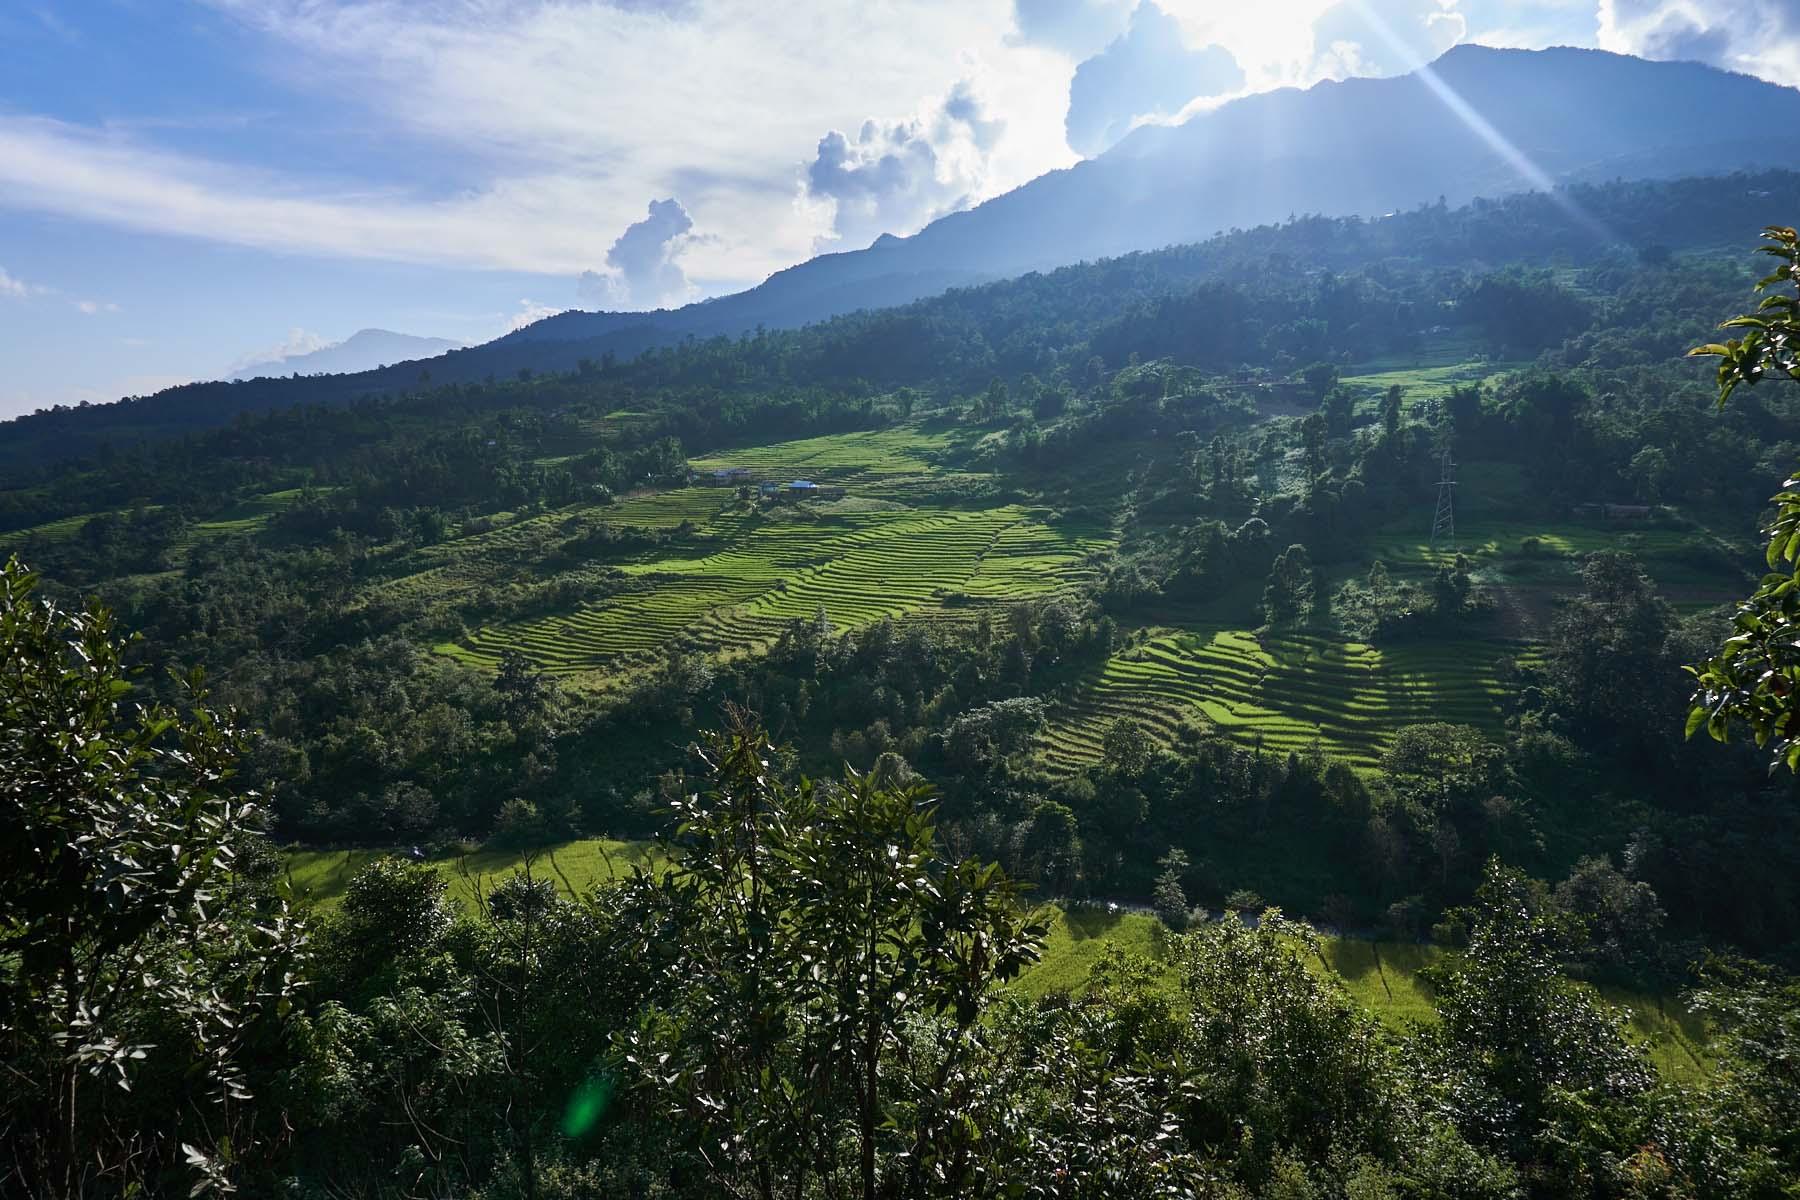 Pola tarasowe, lasy oraz zbocze góry